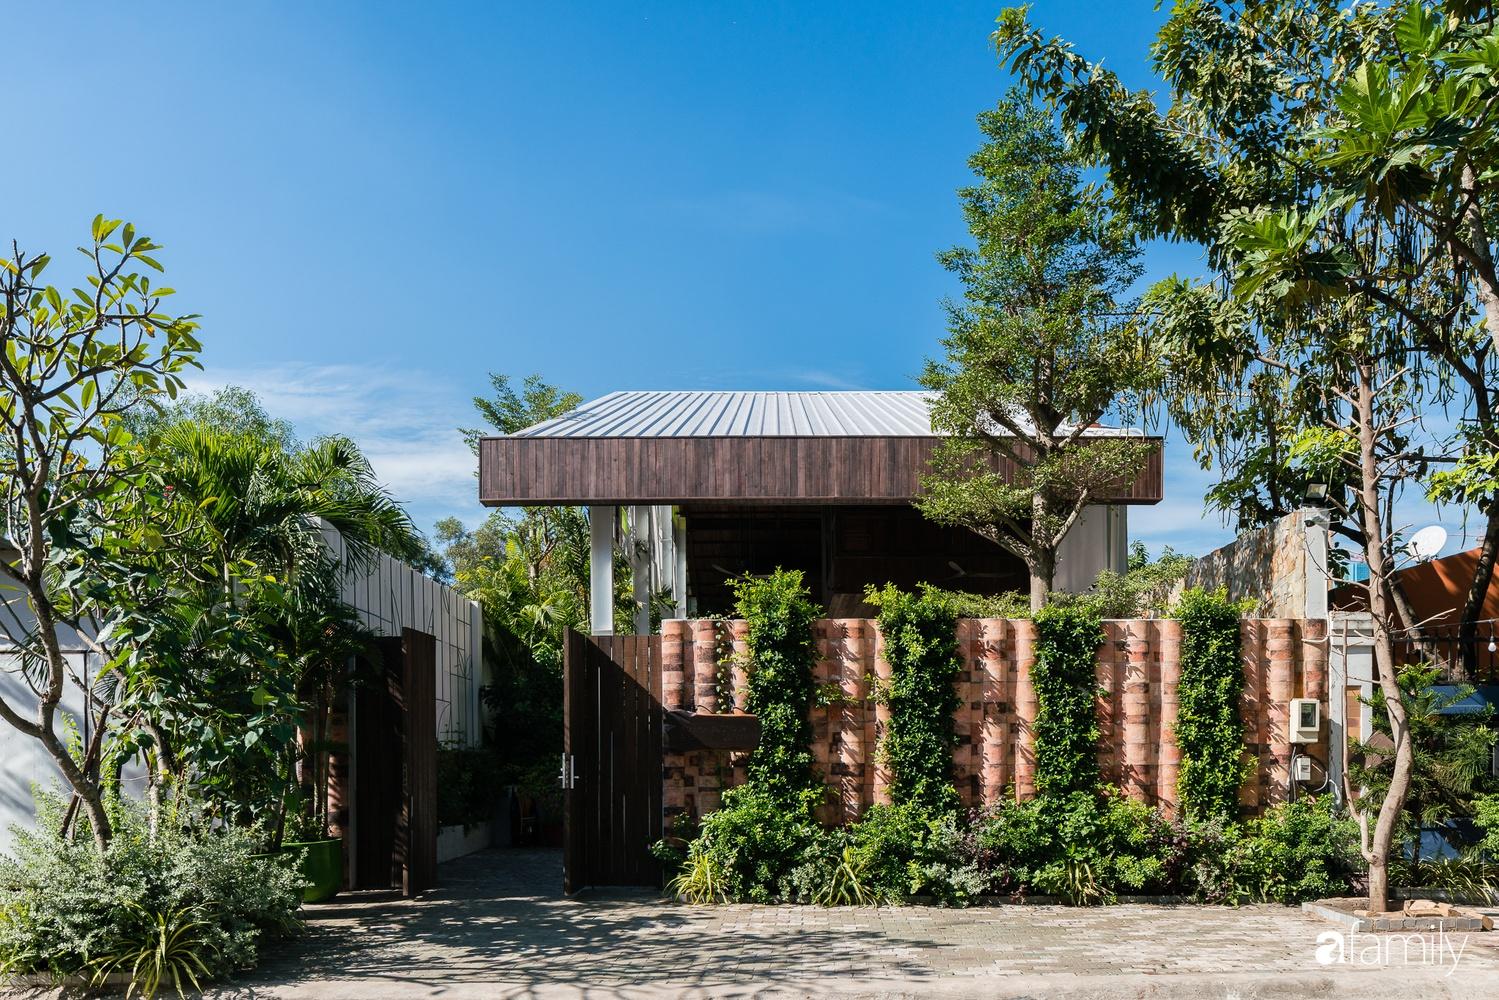 Ngôi nhà gỗ với thiết kế giống tổ chim đẹp như resort nghỉ dưỡng đậm chất thơ trong lòng Sài Gòn - Ảnh 1.